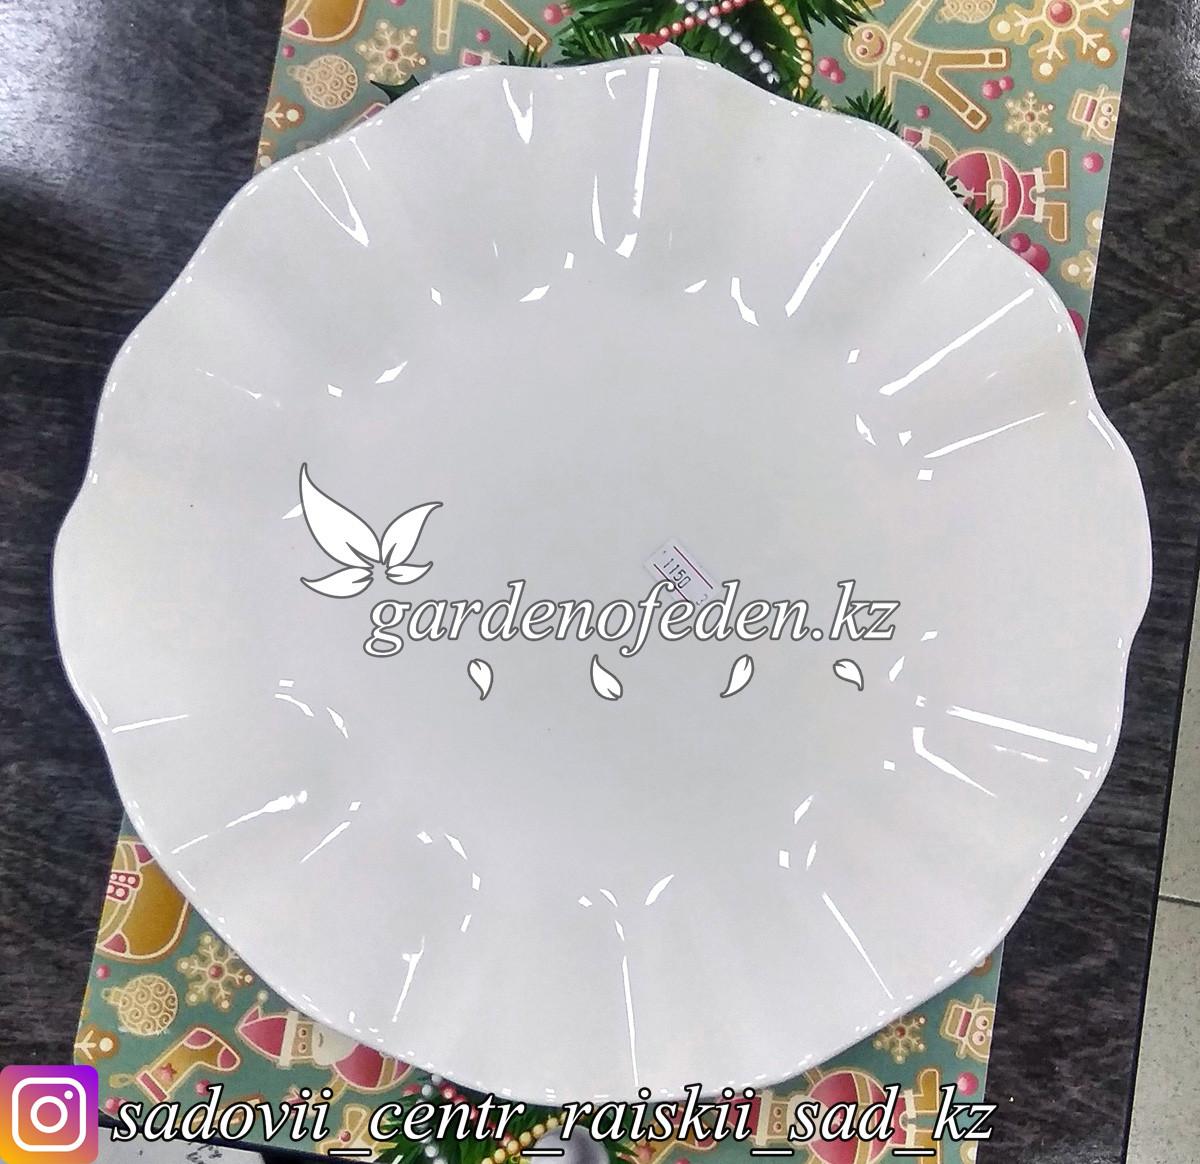 Тарелка десертная, большая, фигурная. Цвет: Белый. Материал: Керамика.